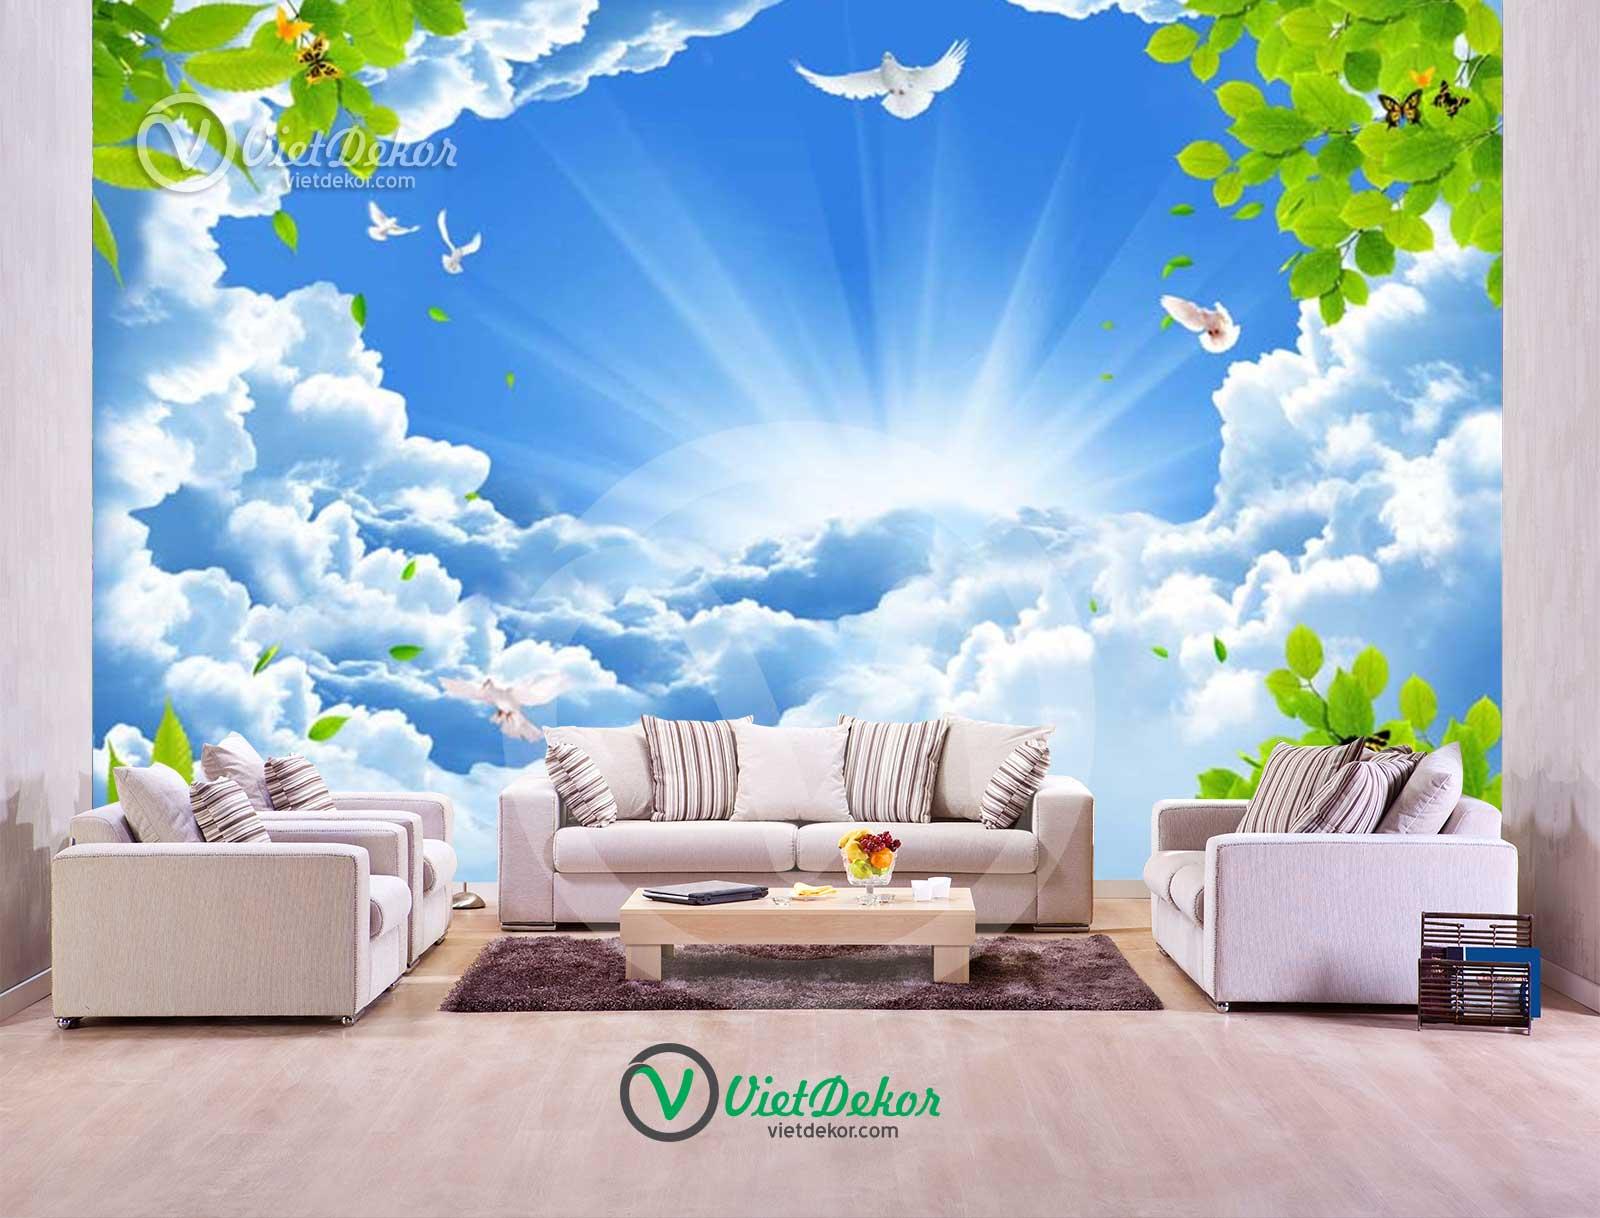 Tranh dán trần 3d bầu trời xanh mây trắng